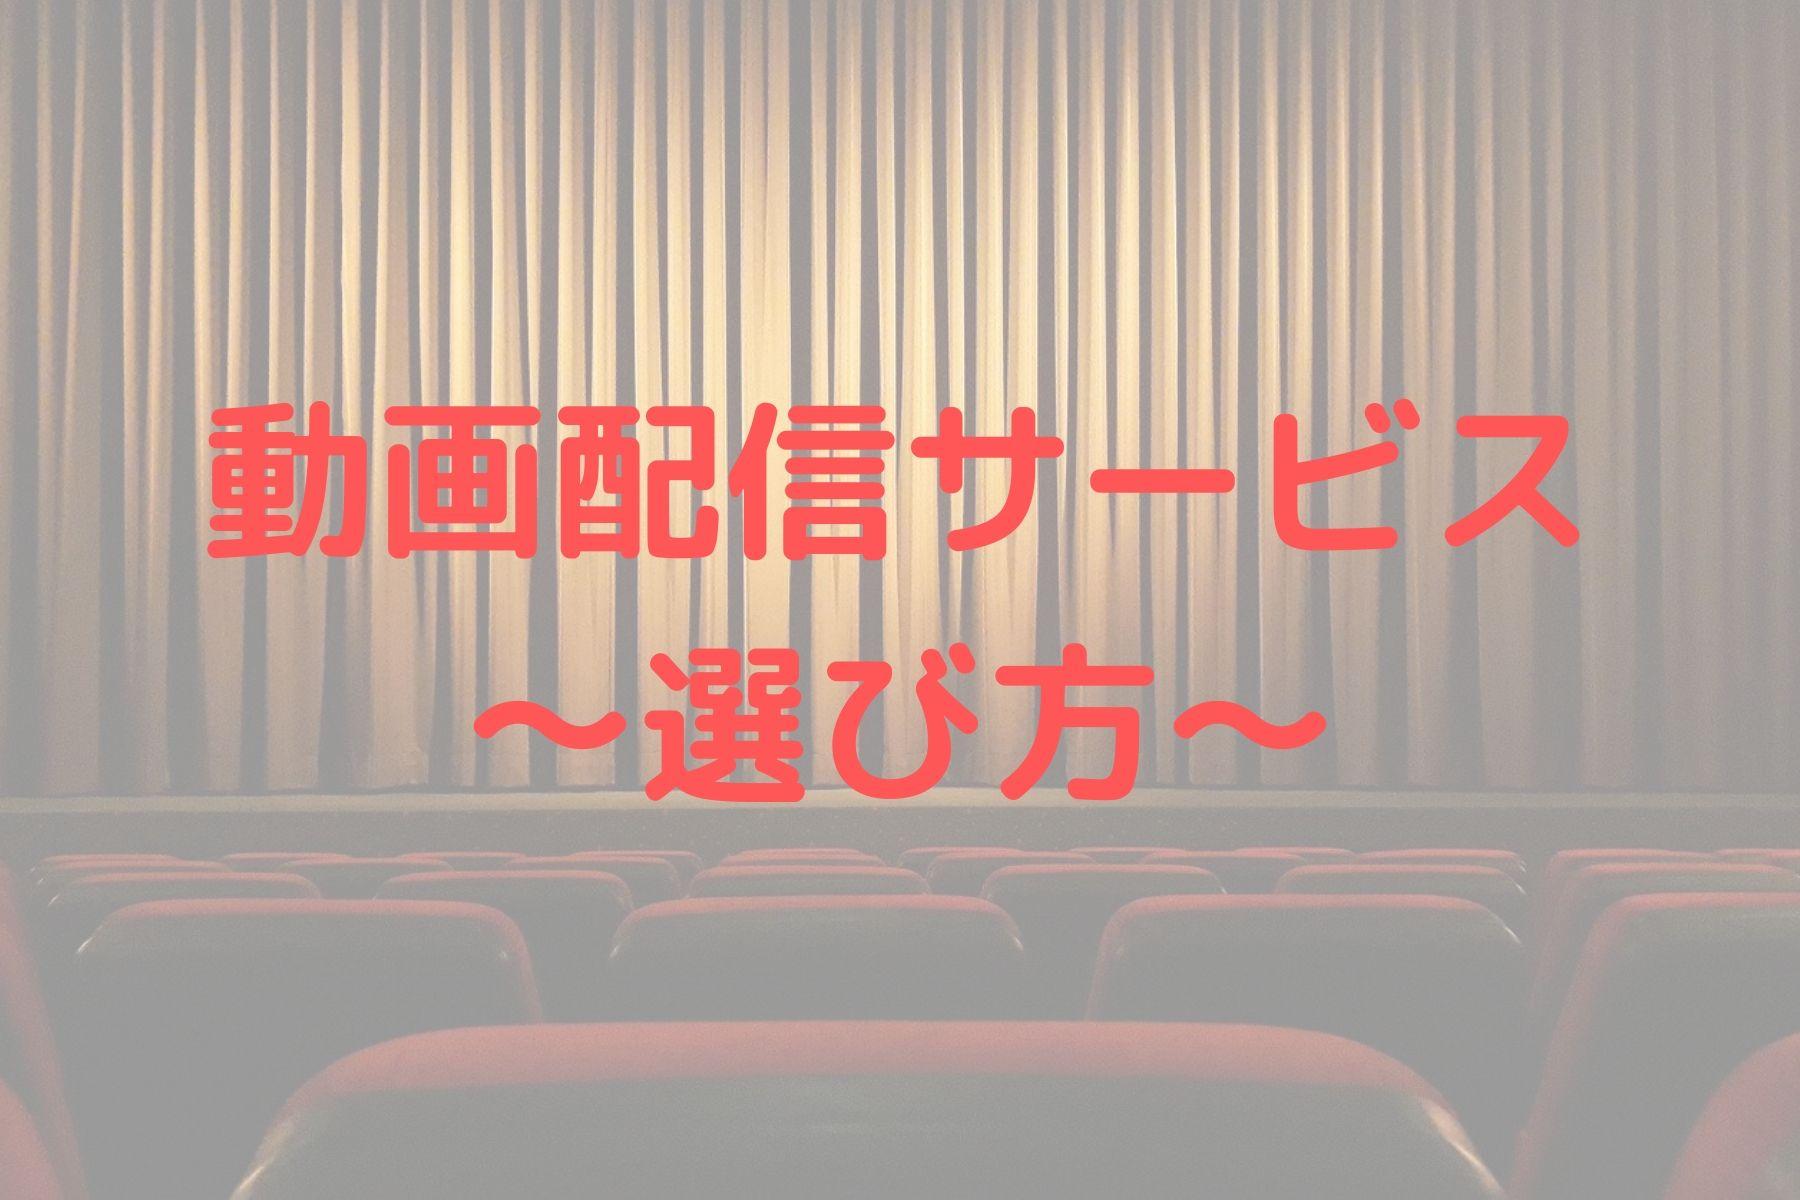 動画配信サービス 〜選び方〜